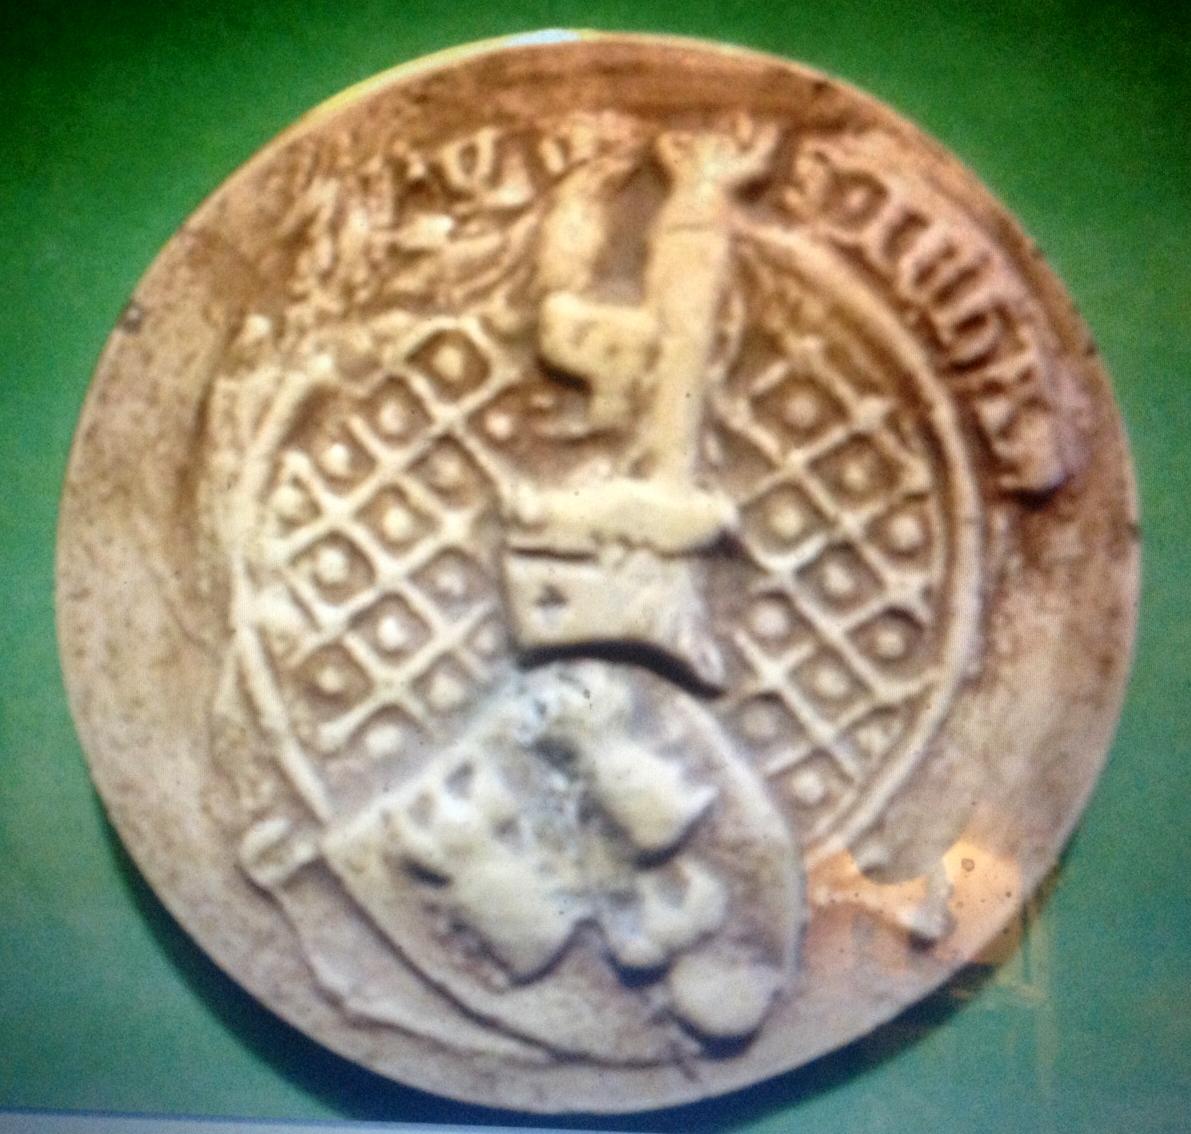 Sceau de Jehan II La Personne vicomte d'Acy, 1385, Arch. nationales.